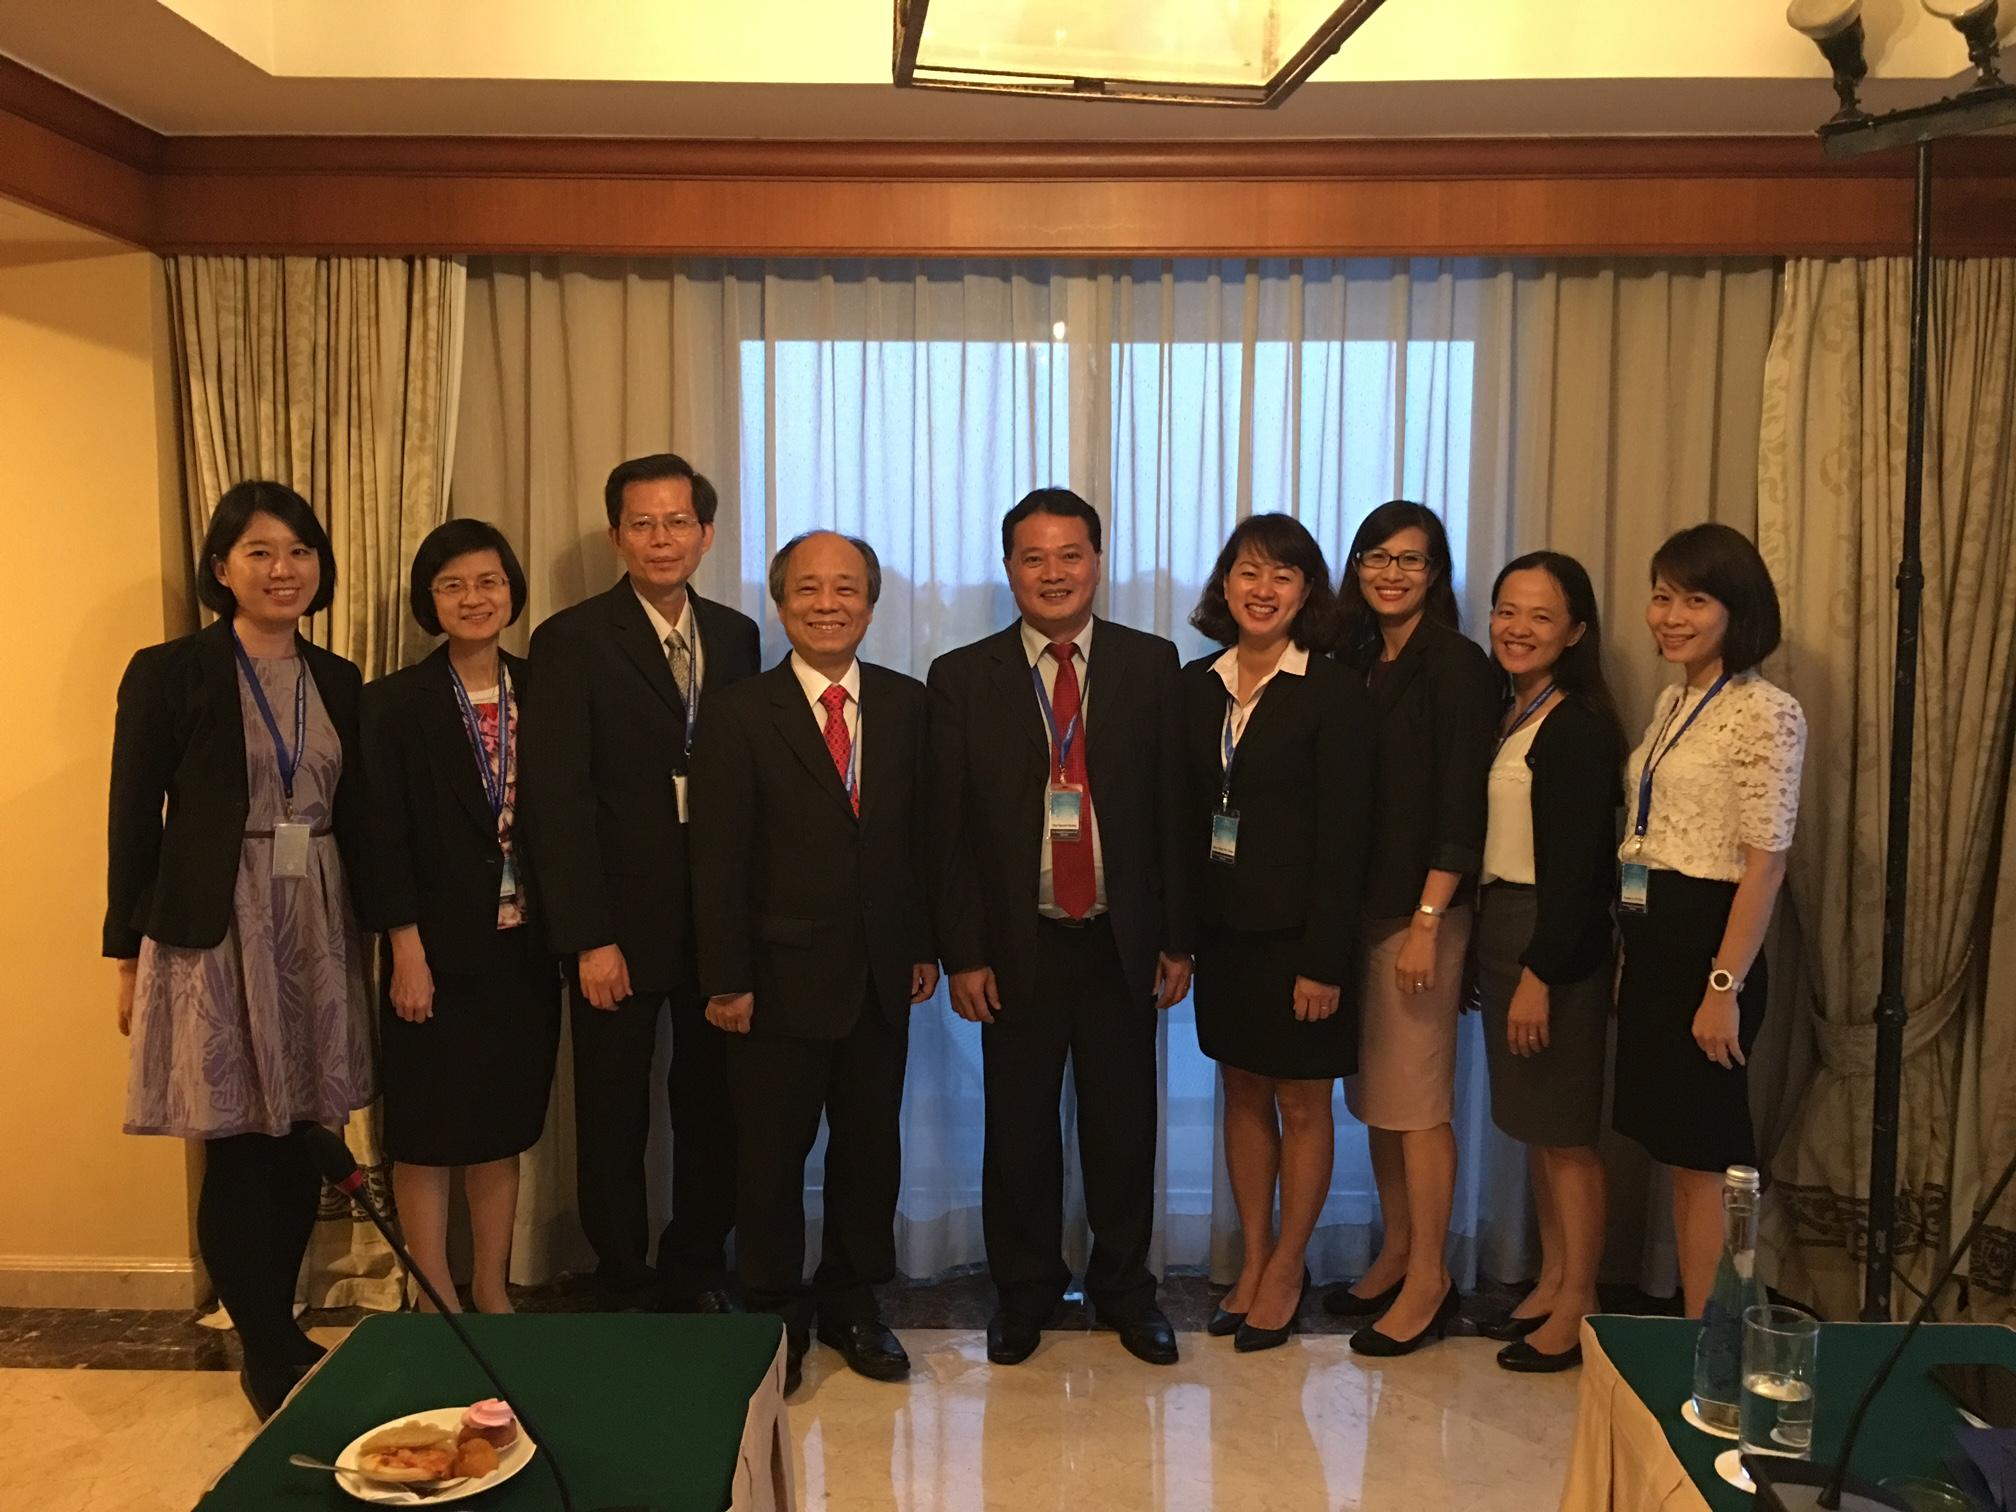 本公司總經理林銘寬(左4)、副總經理蘇財源(左3)與越南存保機構董事長Mr. Quang Huy Nguyen(右5)進行雙邊會議,會後合影。